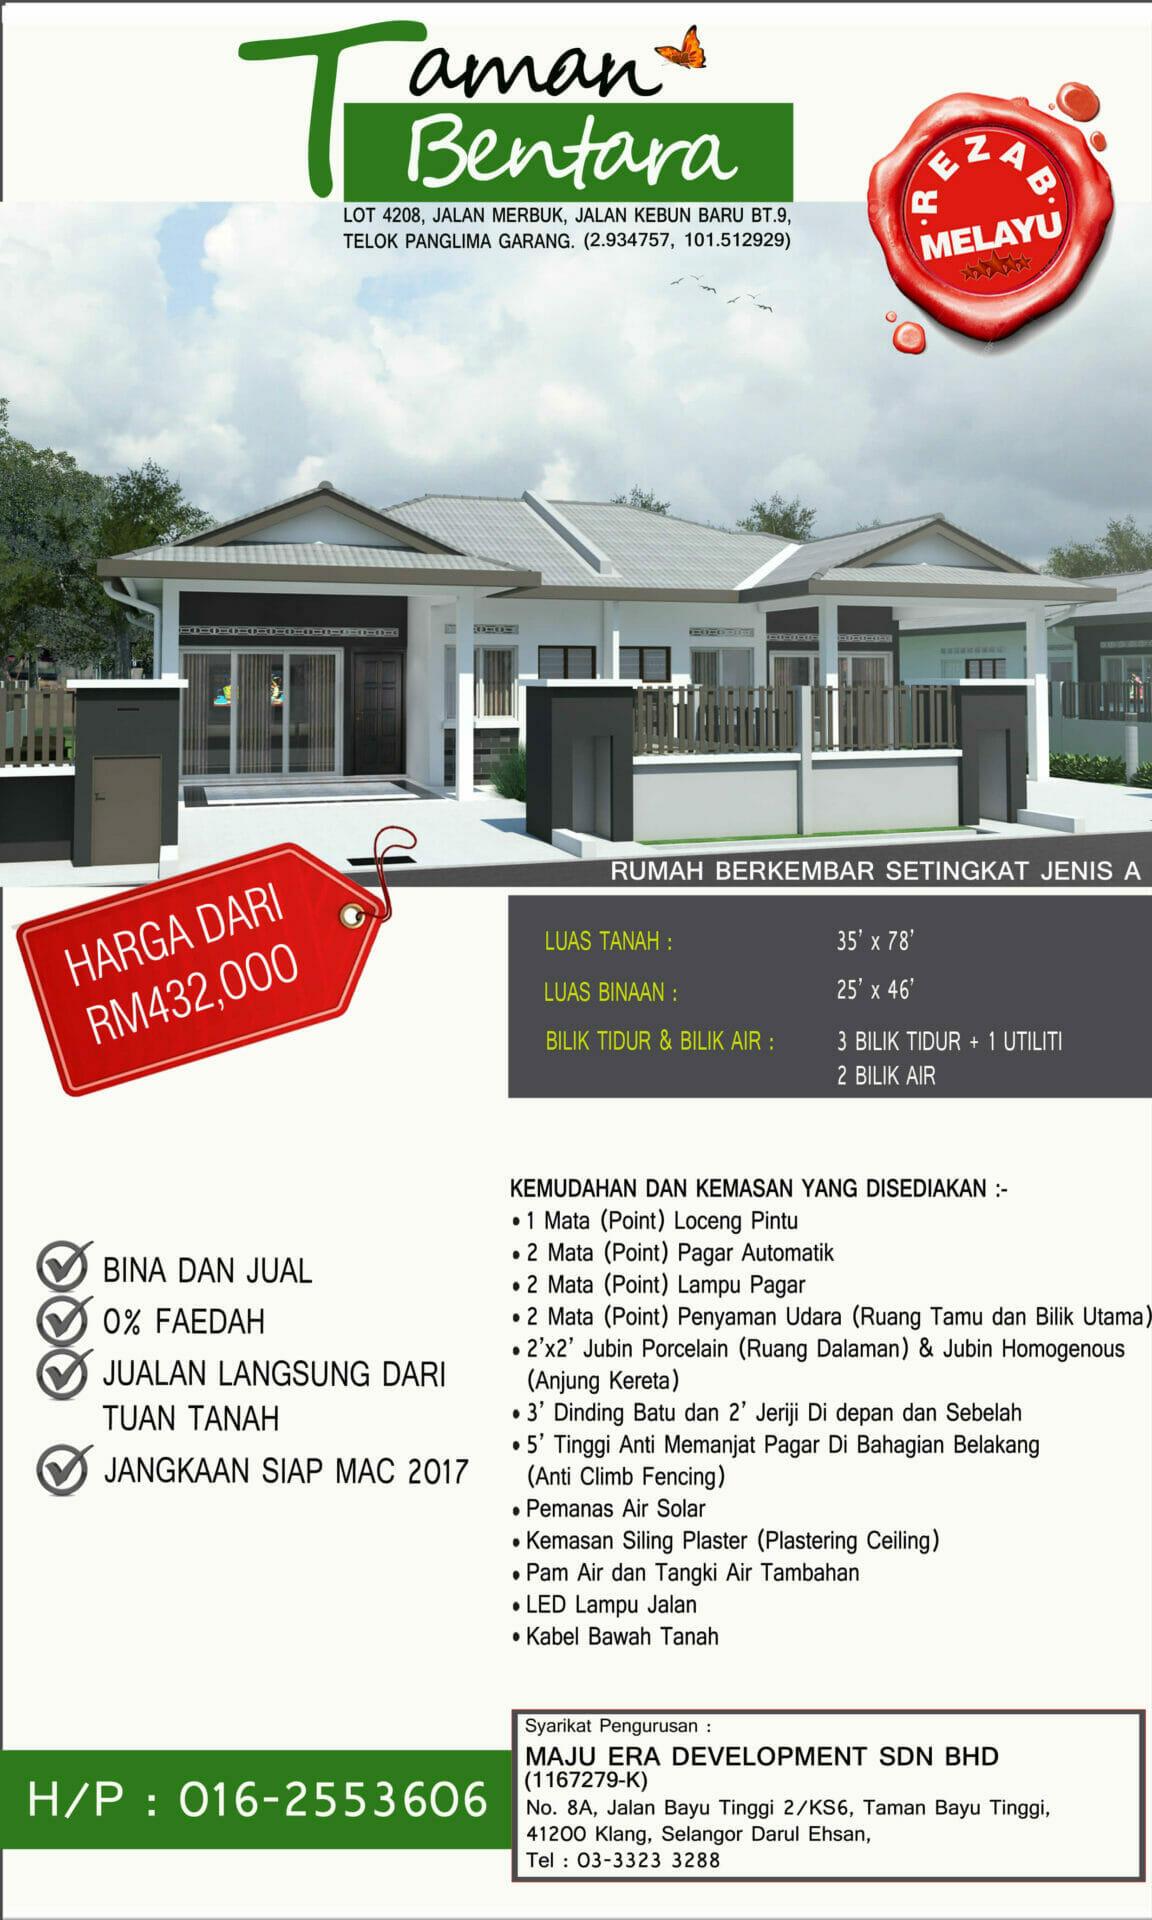 Lot 4208 Taman Bentara, Teluk Panglima Garang 51